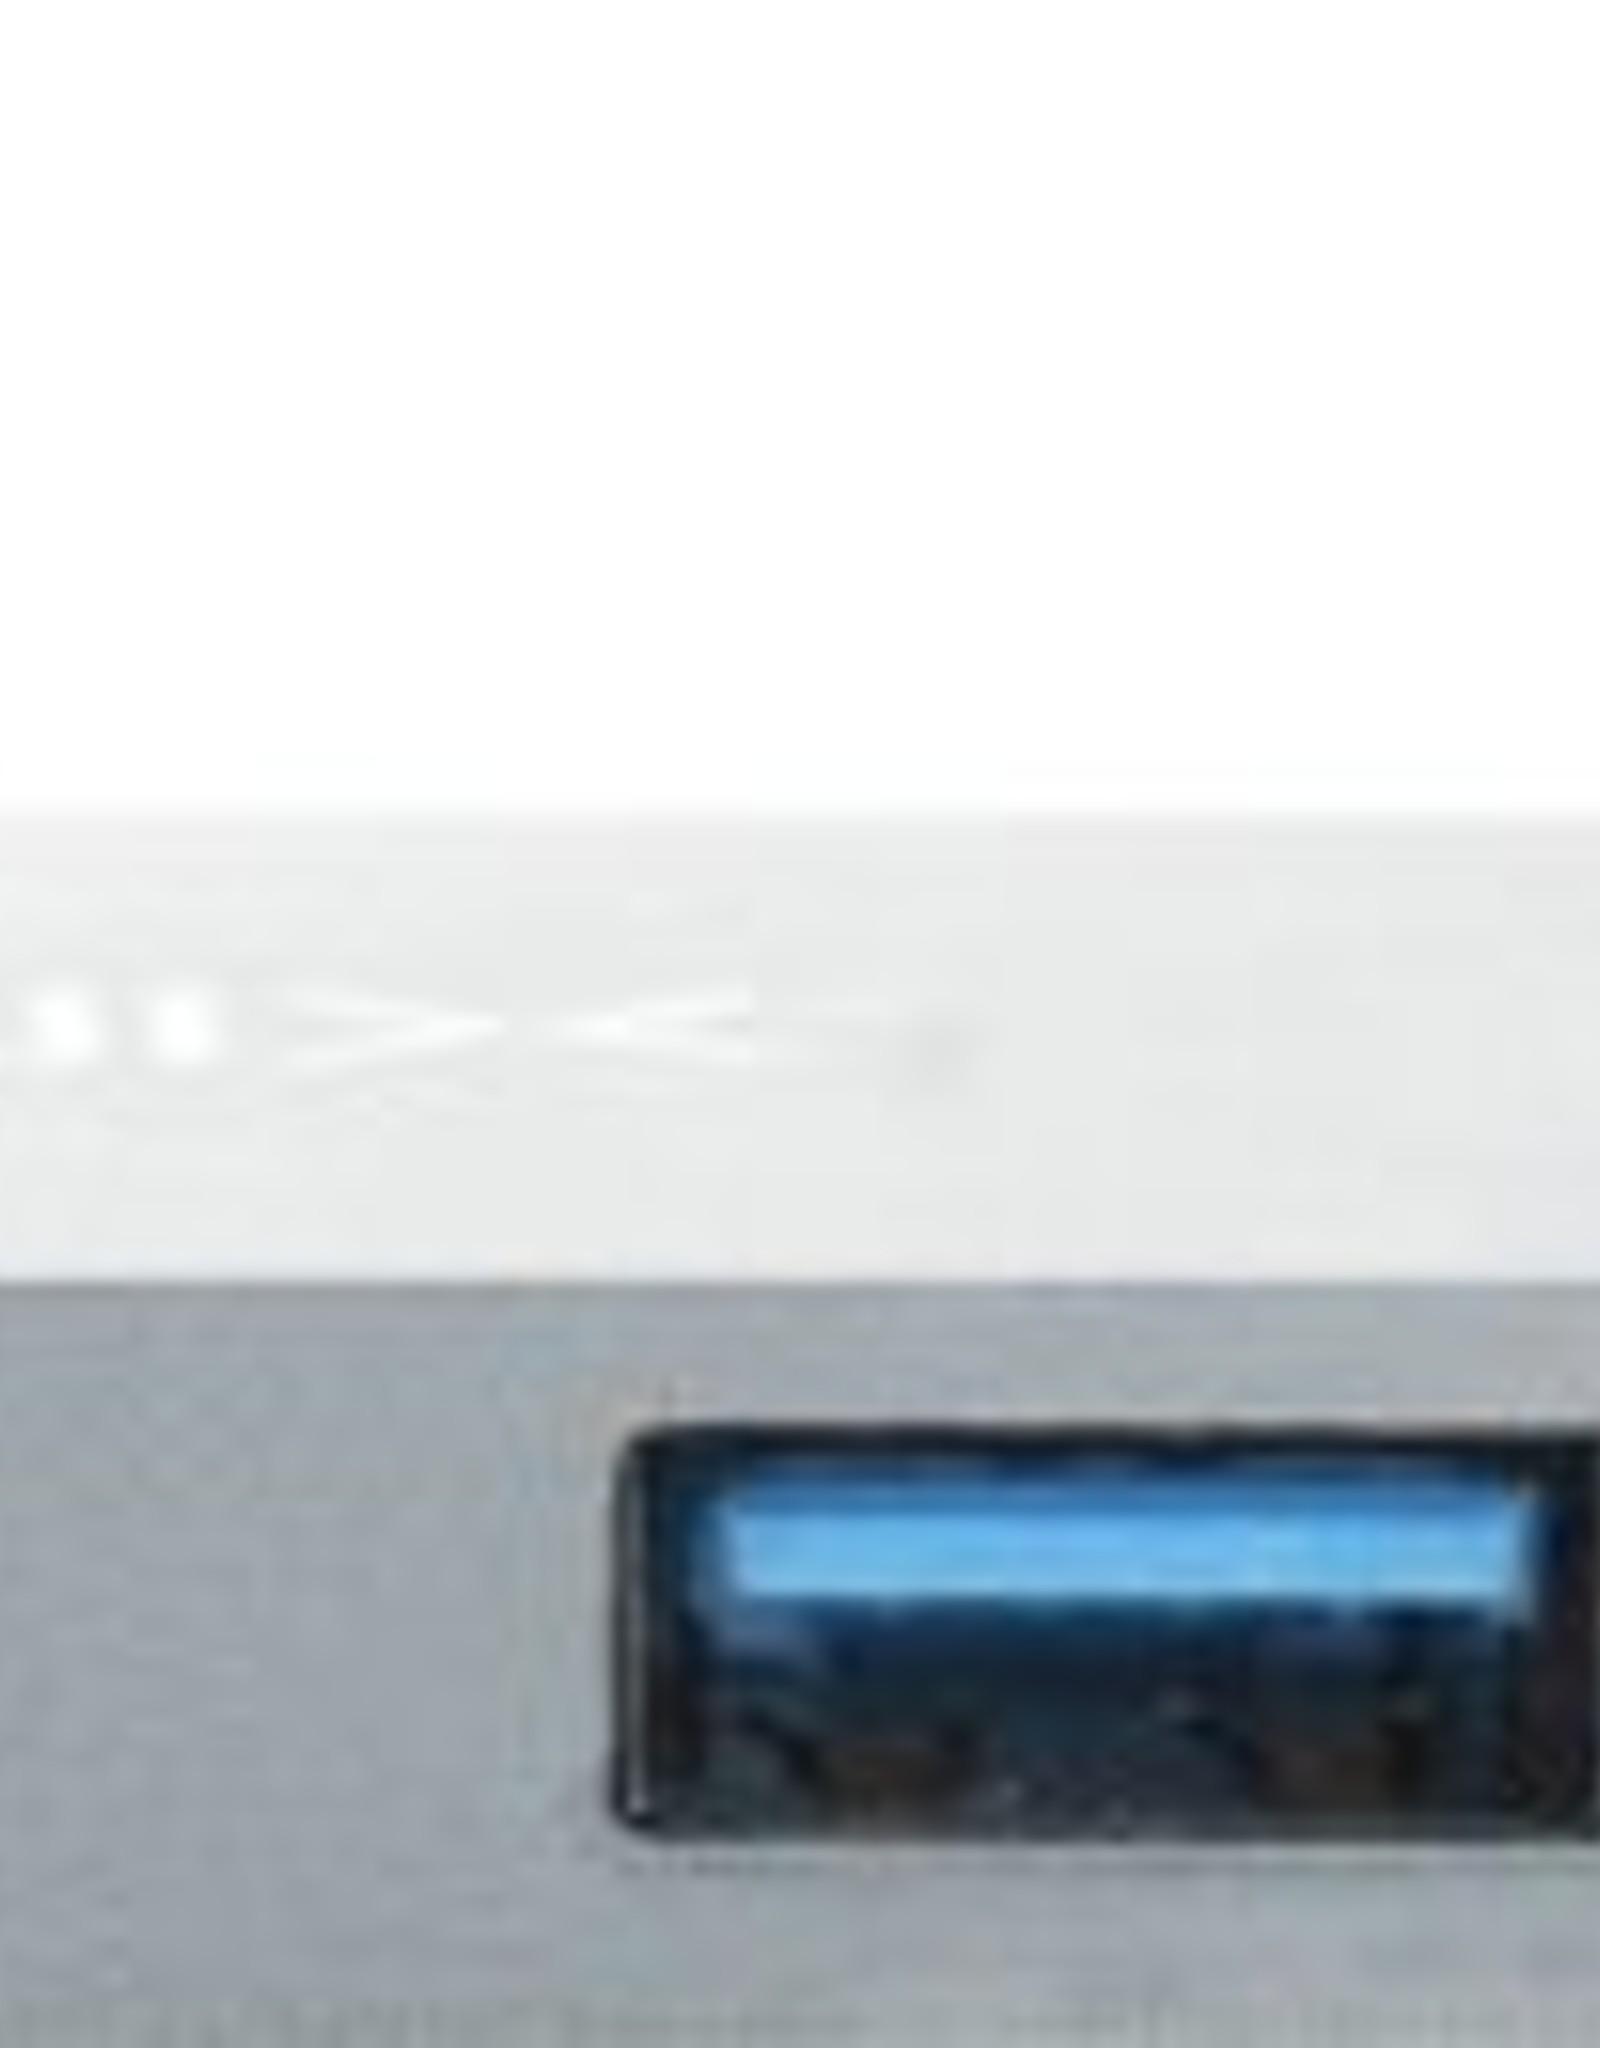 MINIX MINIX NEO C Mini USB Type C USB Type C + 2 x USB 3.0 + HDMI Silver